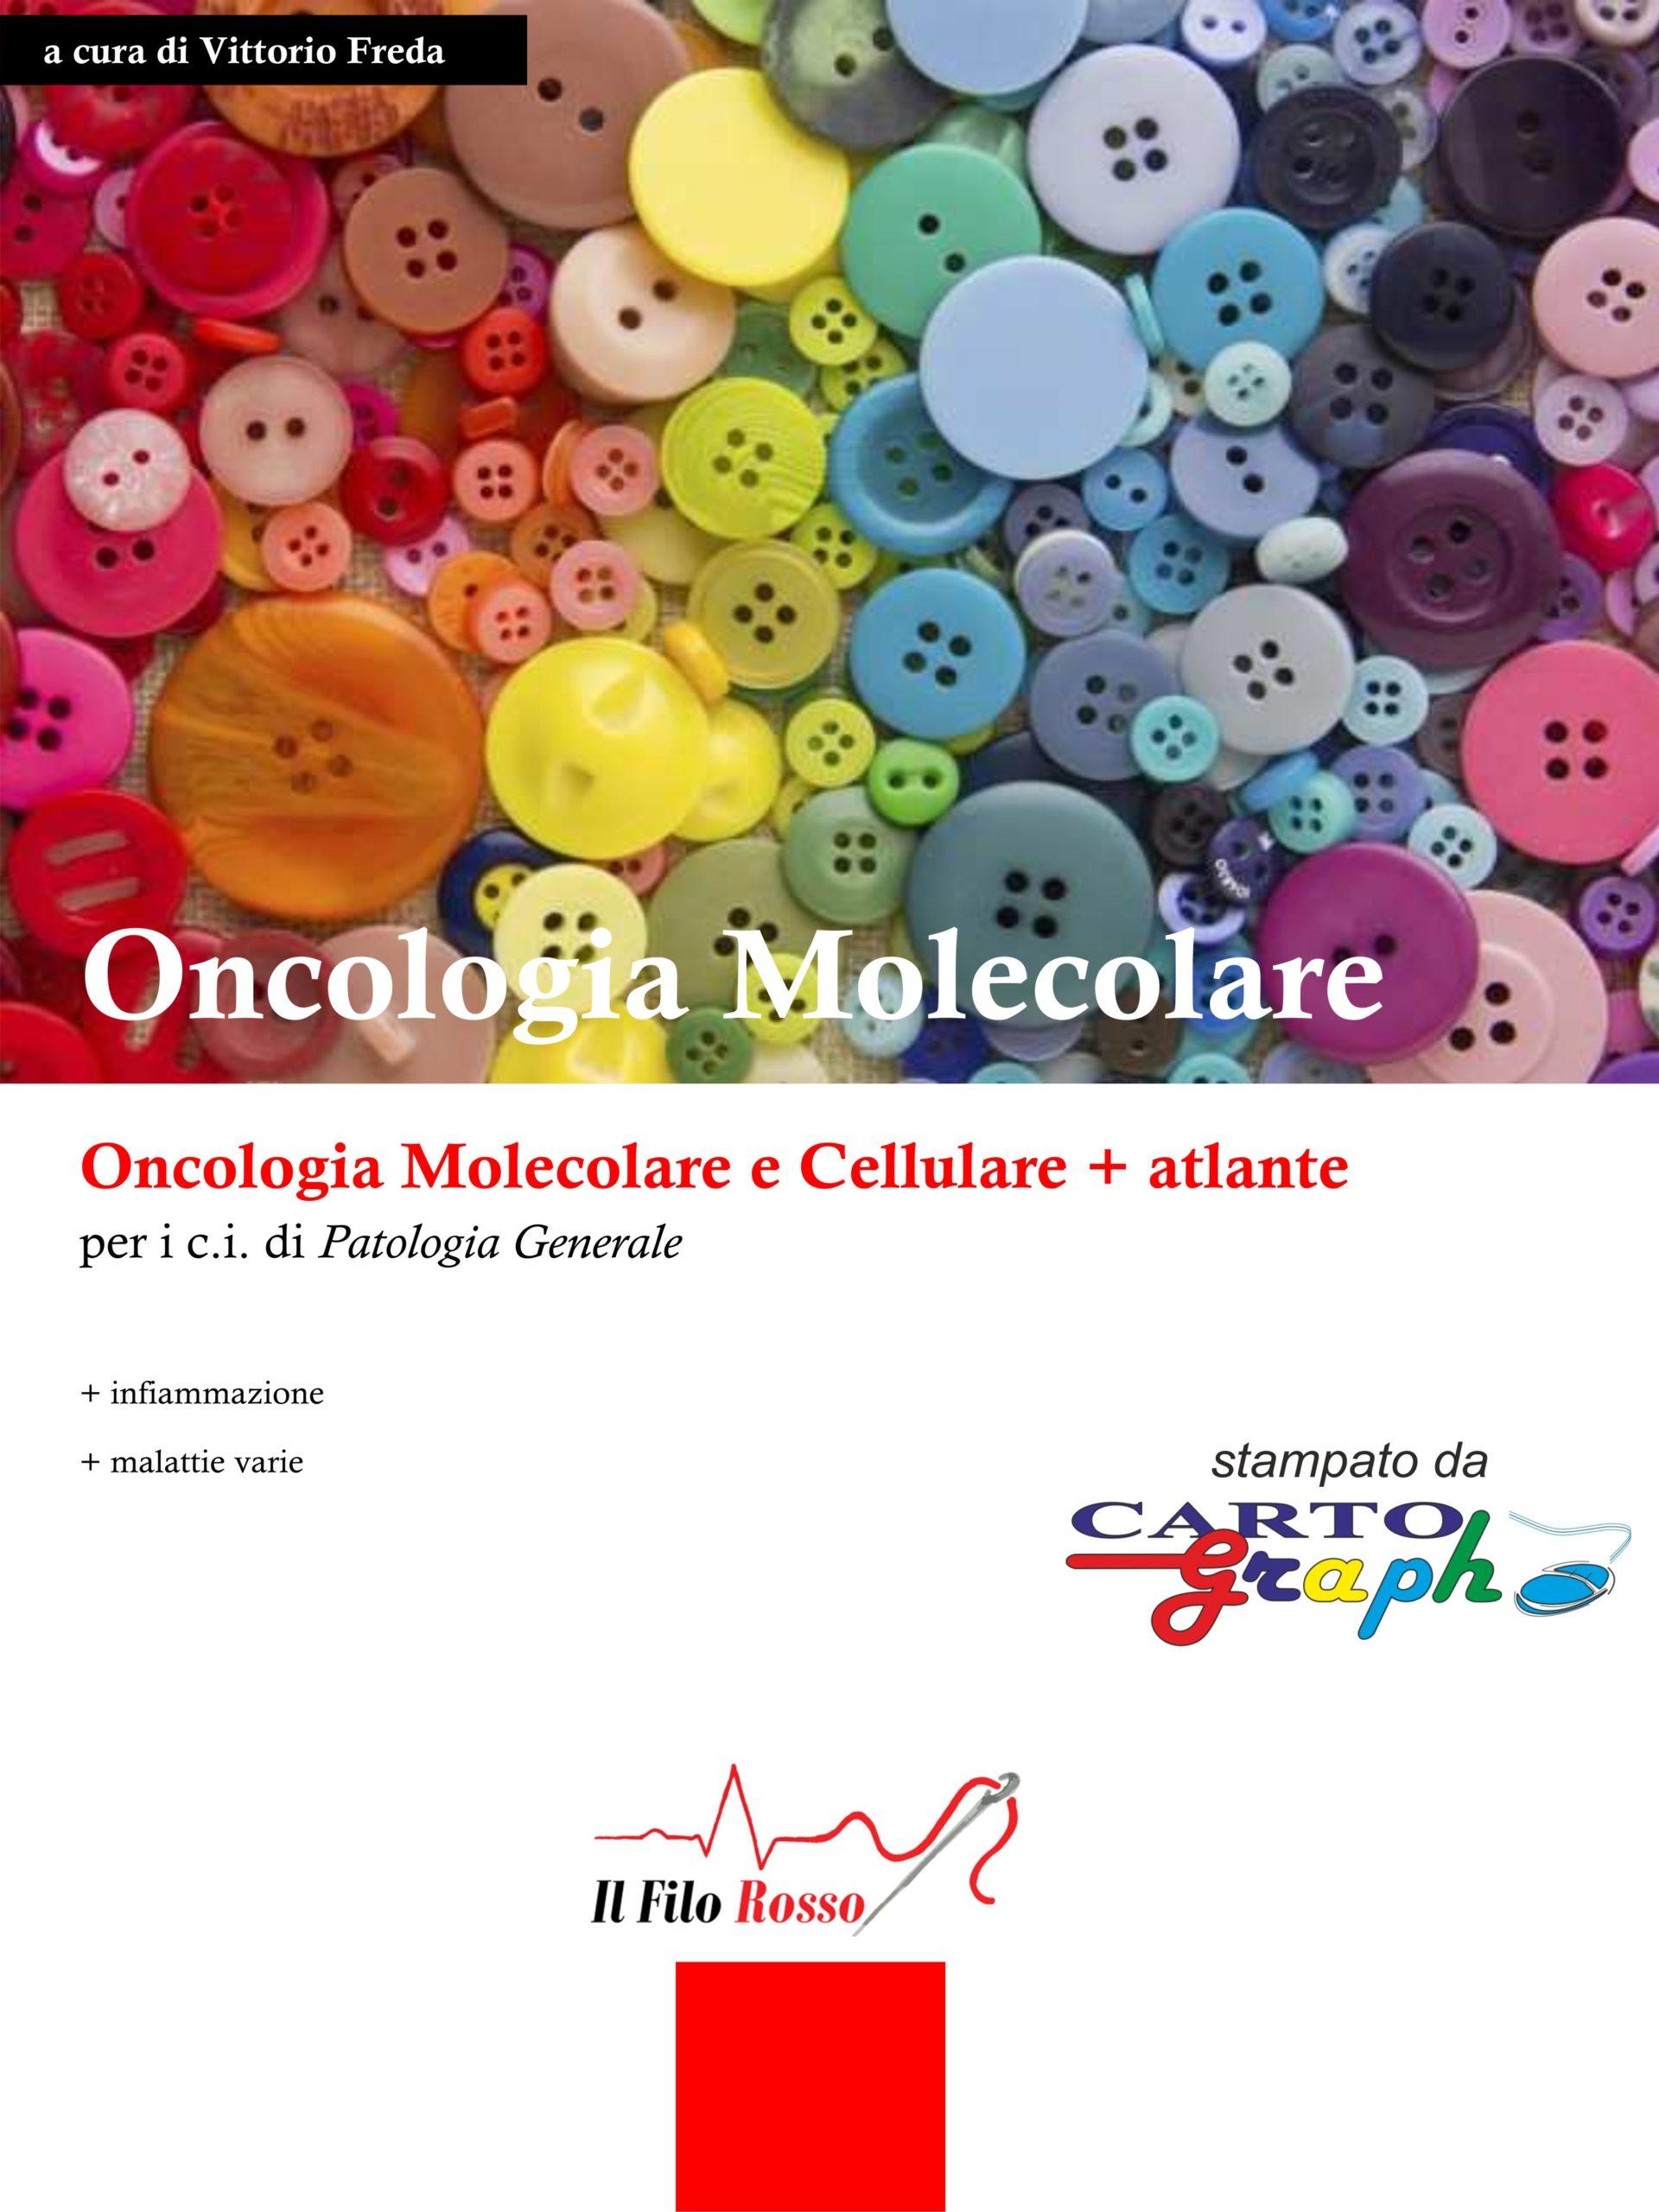 oncologia molecolare - cartograph  cartograph